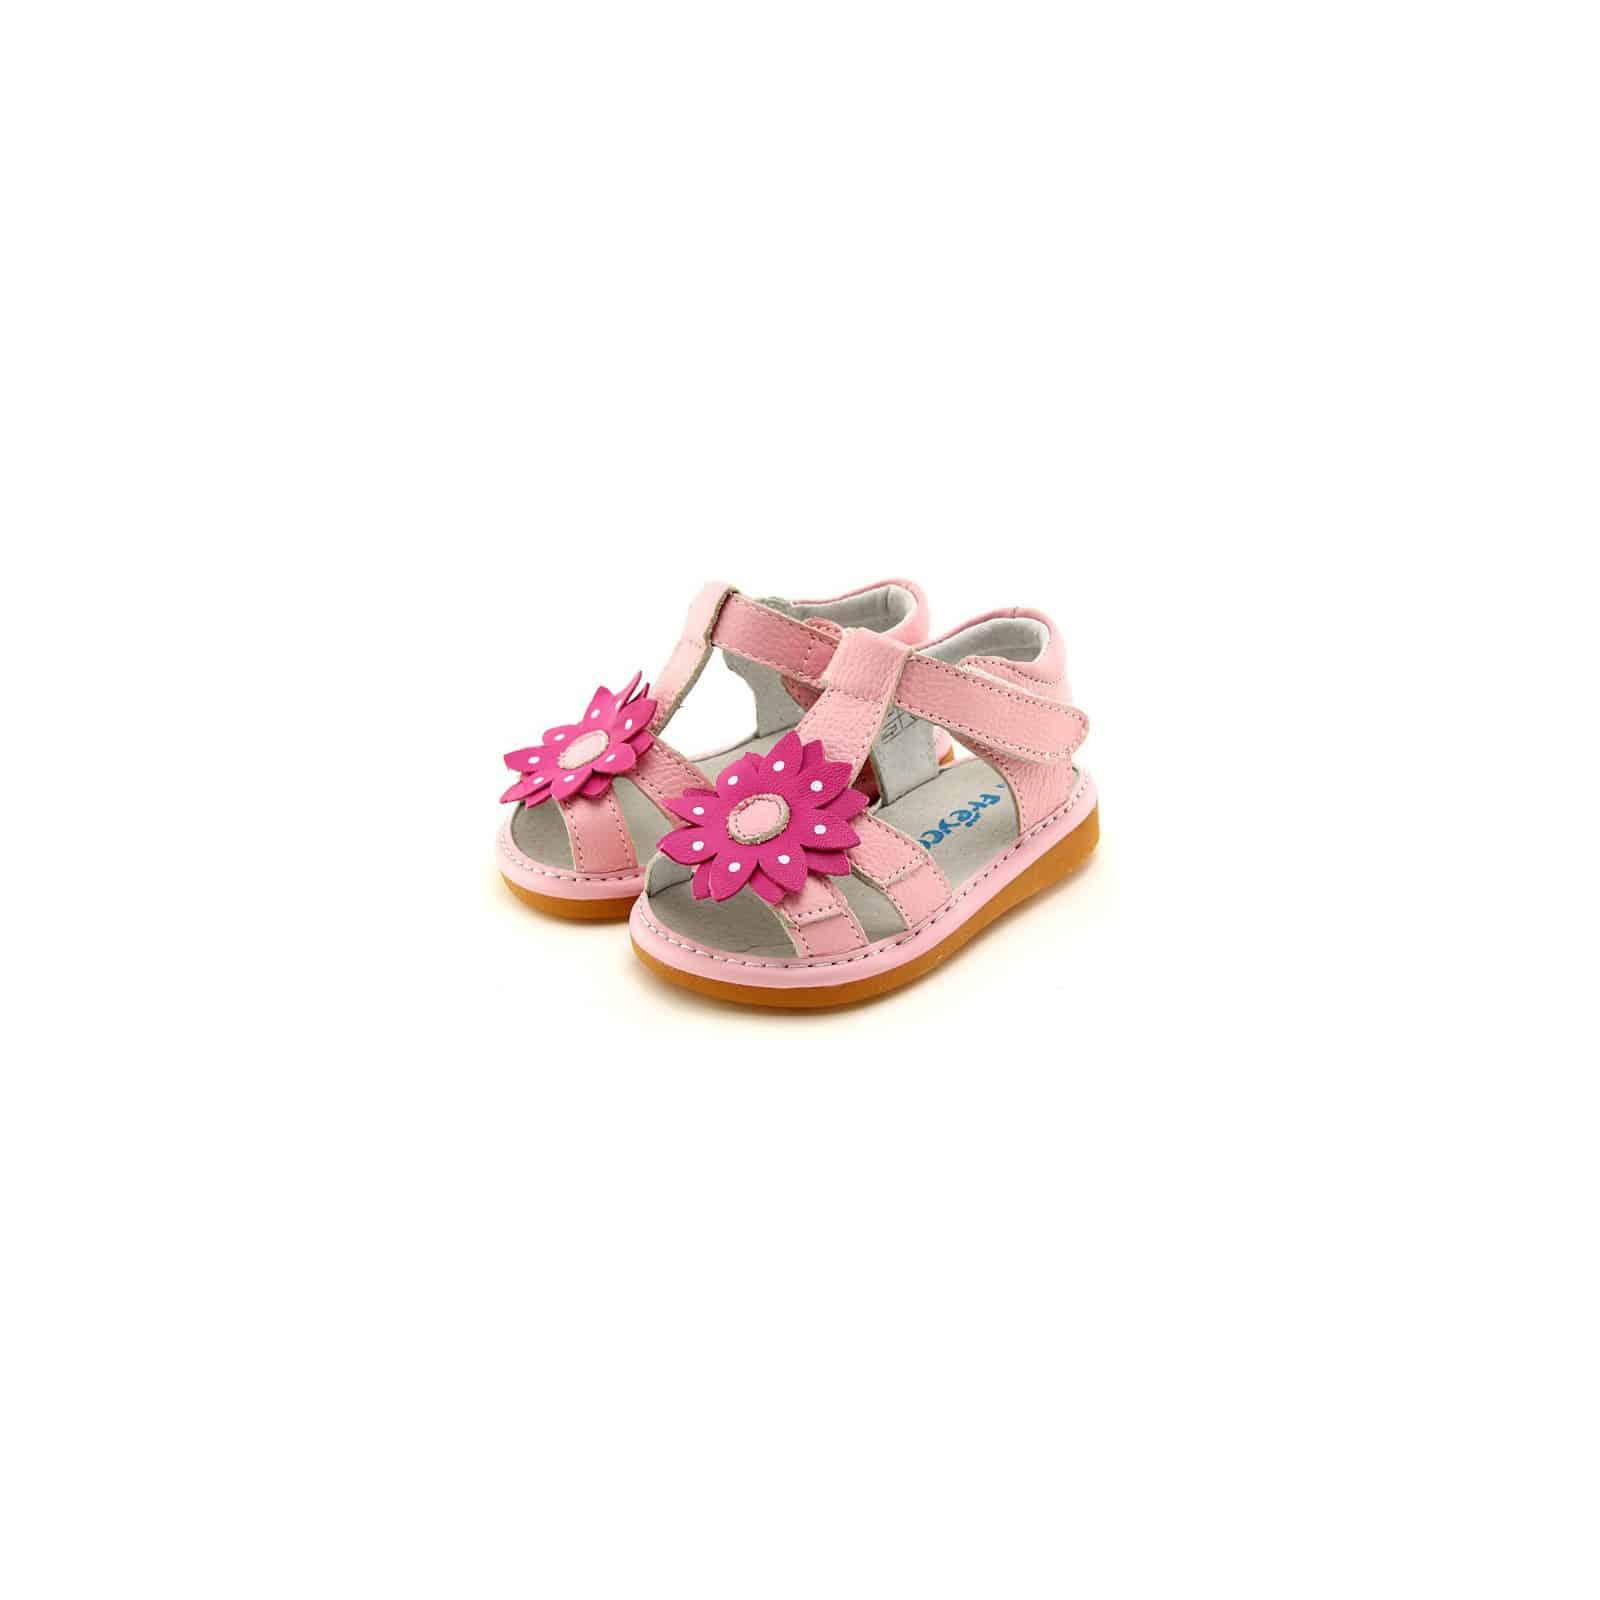 C2bb chaussons de bb en cuir souple chaussures enfants next mightylinksfo